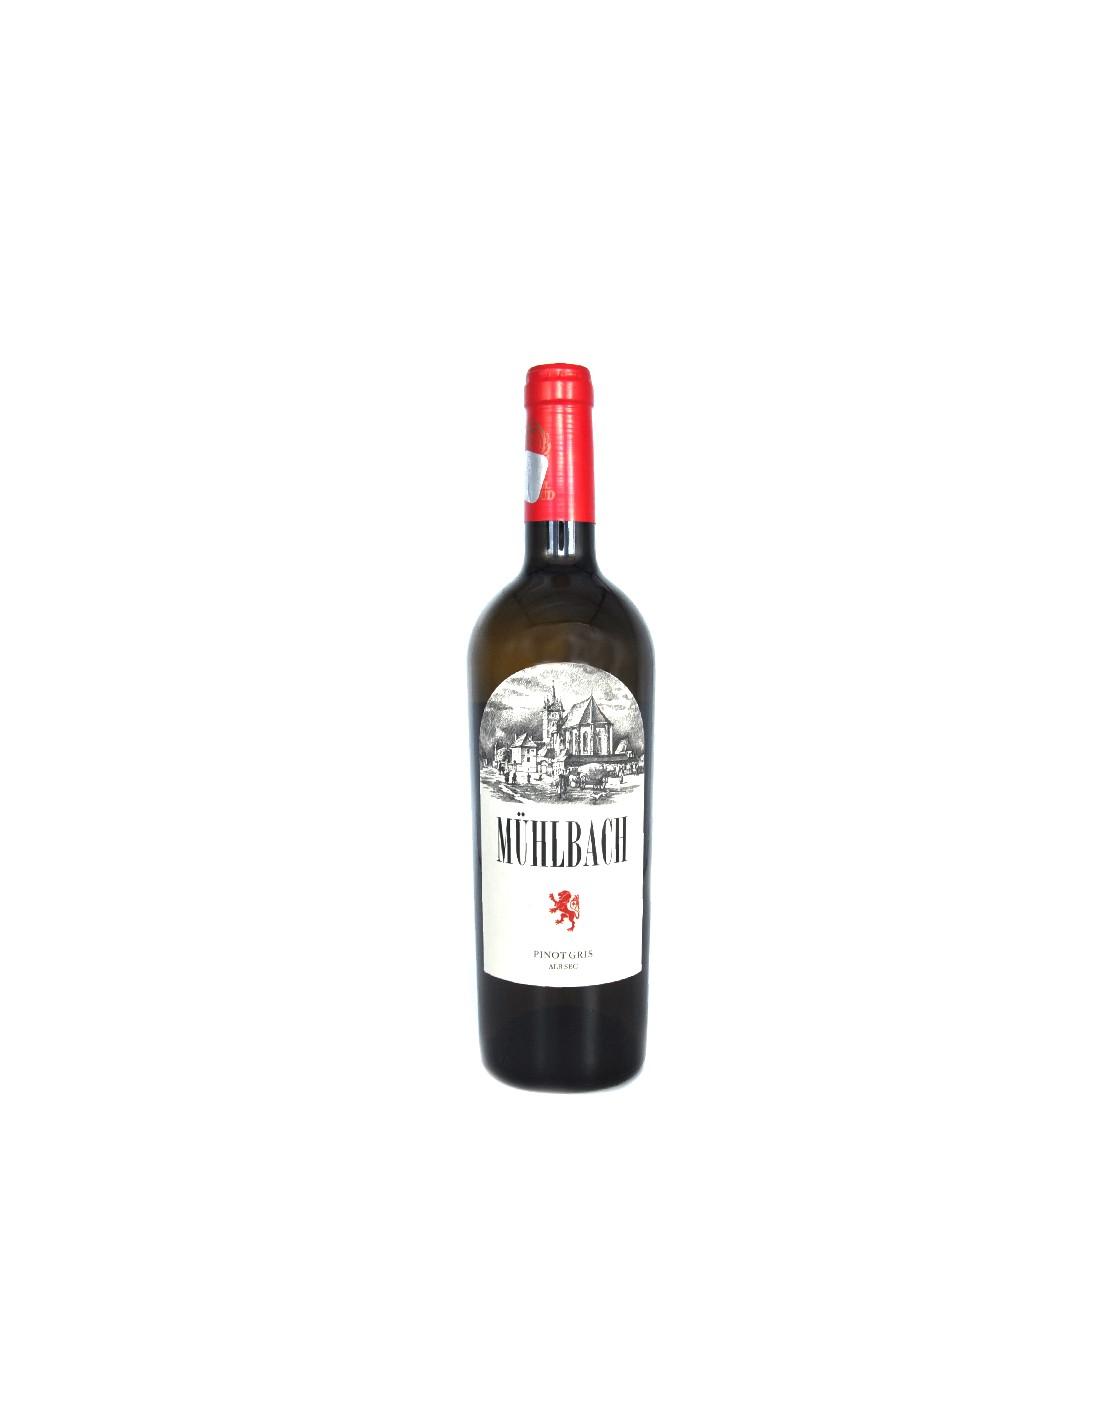 Vin alb sec, Pinot Gris, Muhlbach, Ciumbrud, 13.2% alc., 0.75L, Romania image0